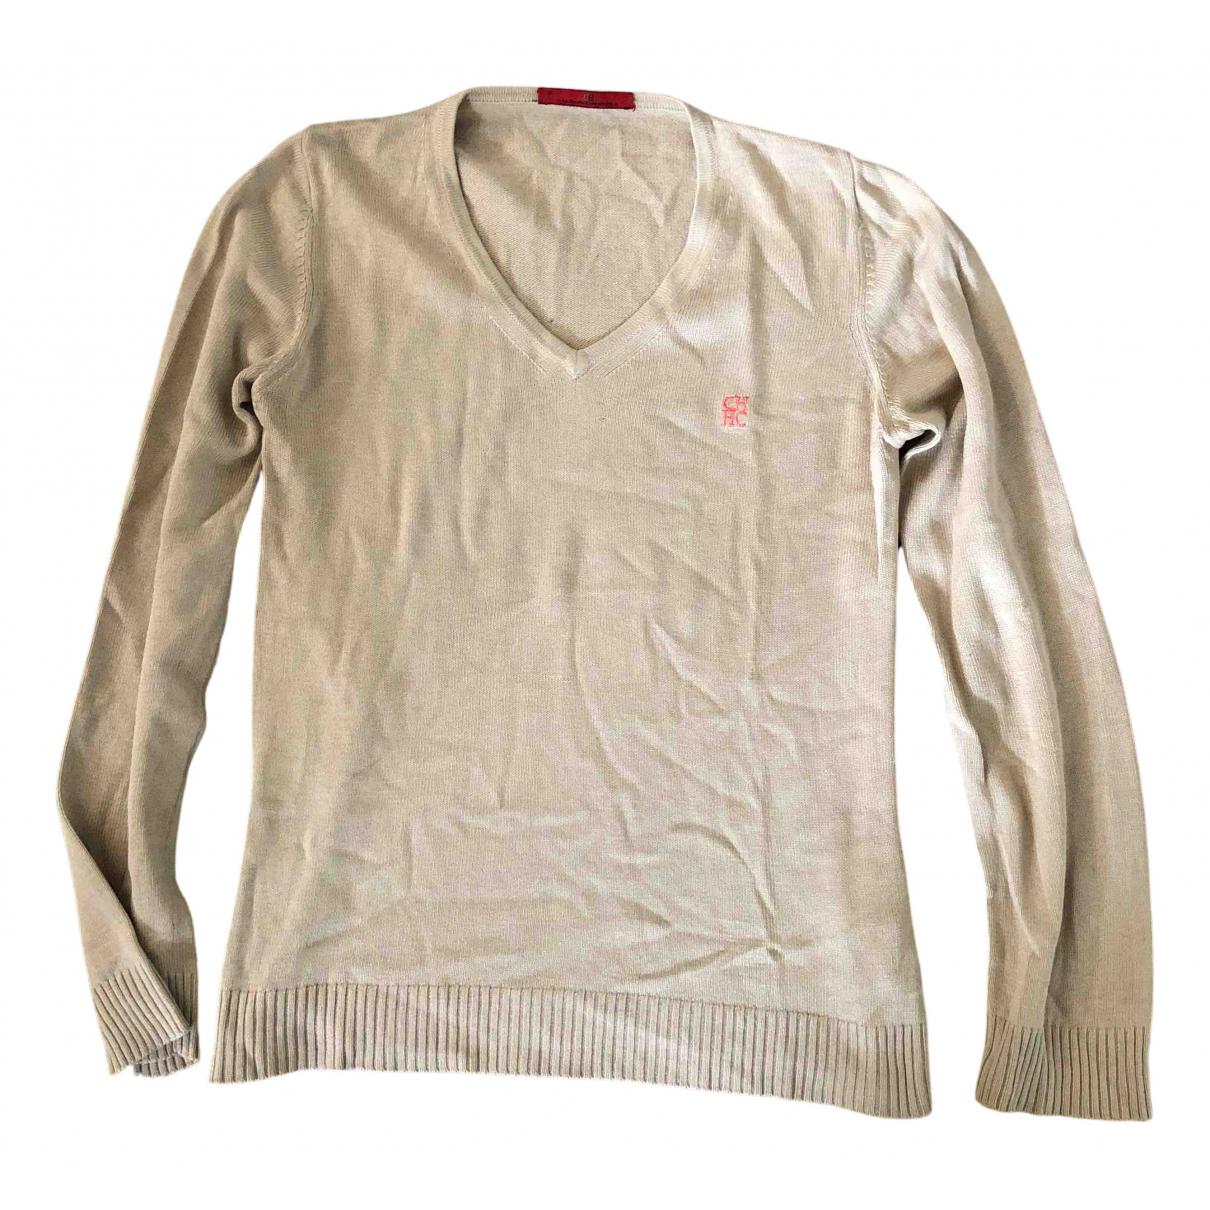 Carolina Herrera N Beige Silk Knitwear for Women M International